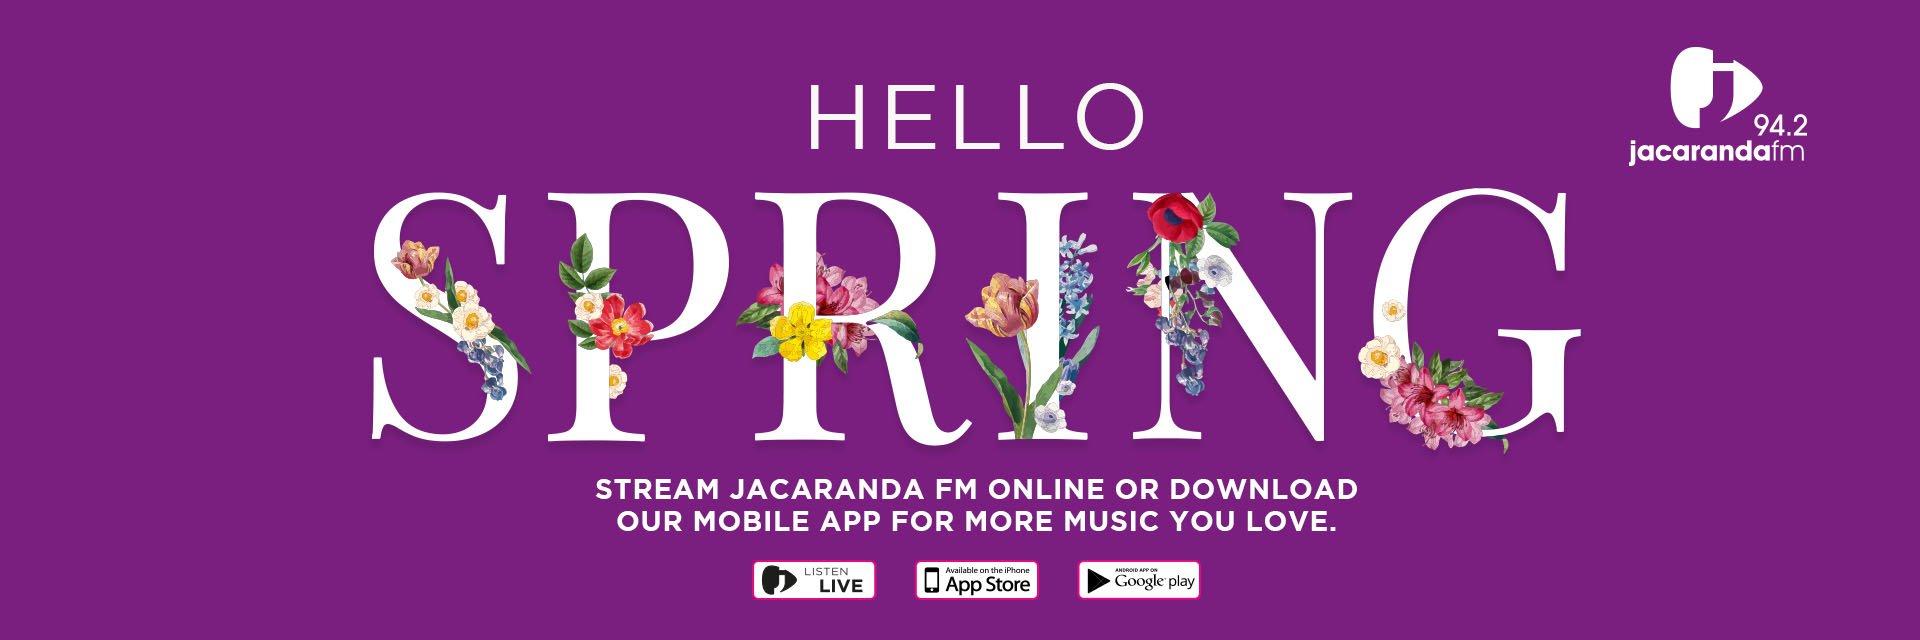 spring website